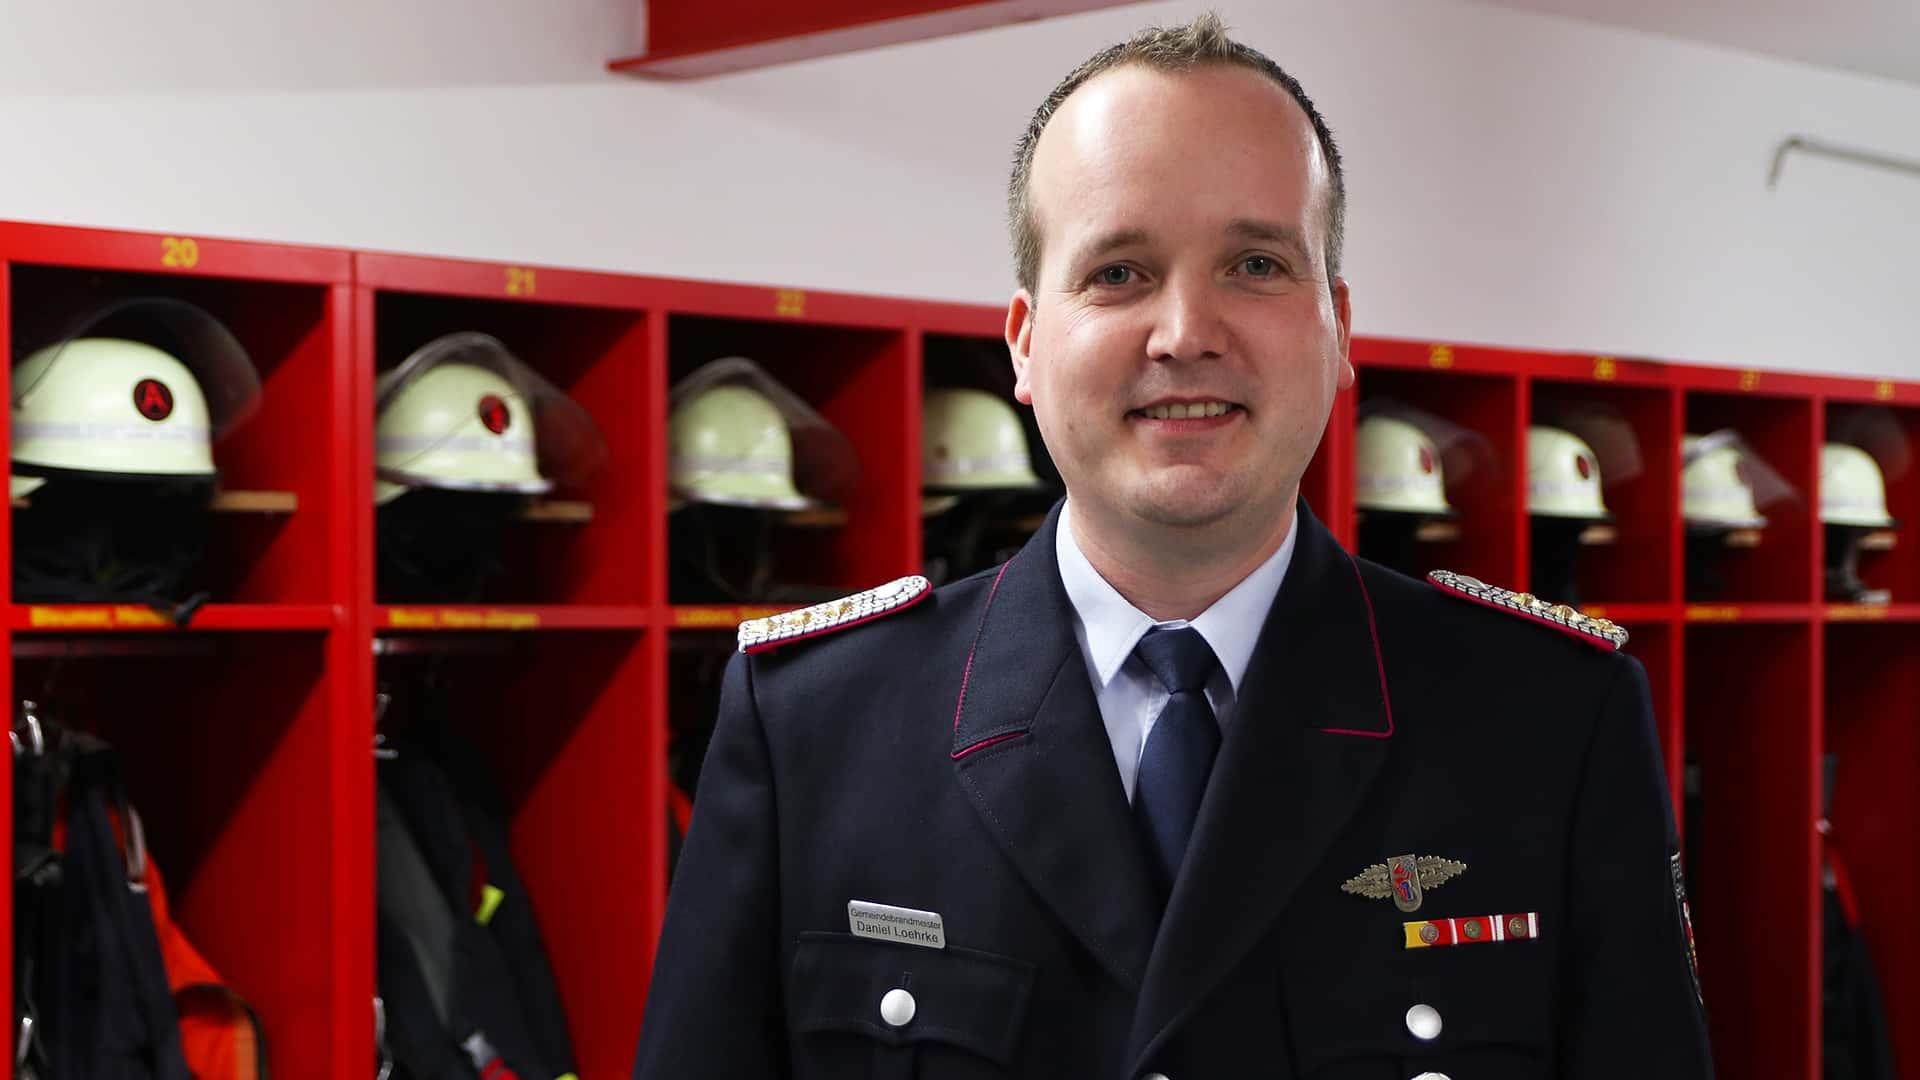 Daniel Loehrke